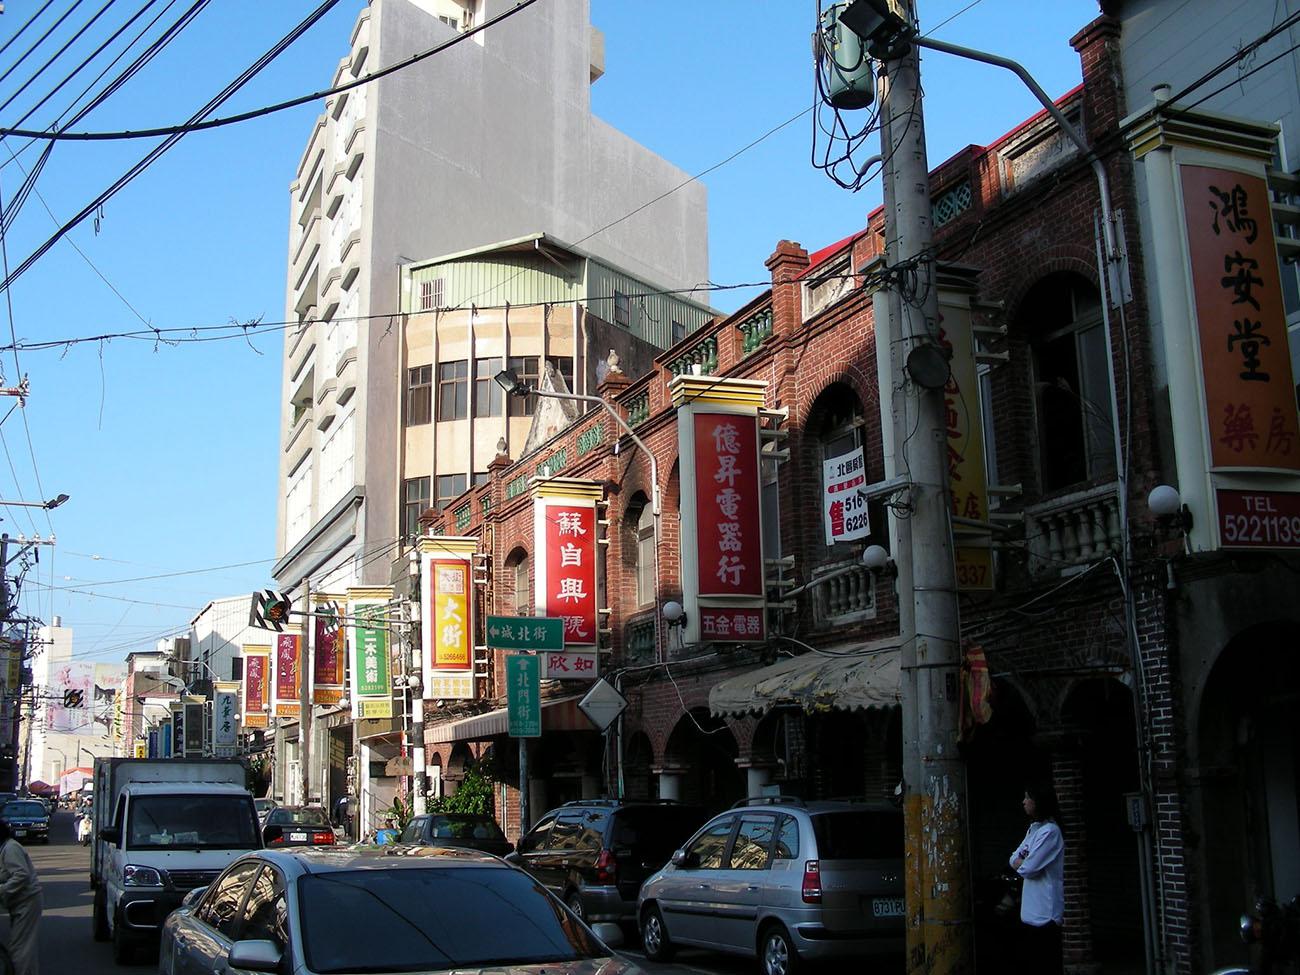 Taiwan_HsinchuCity_BeiMen_Street_2.JPG